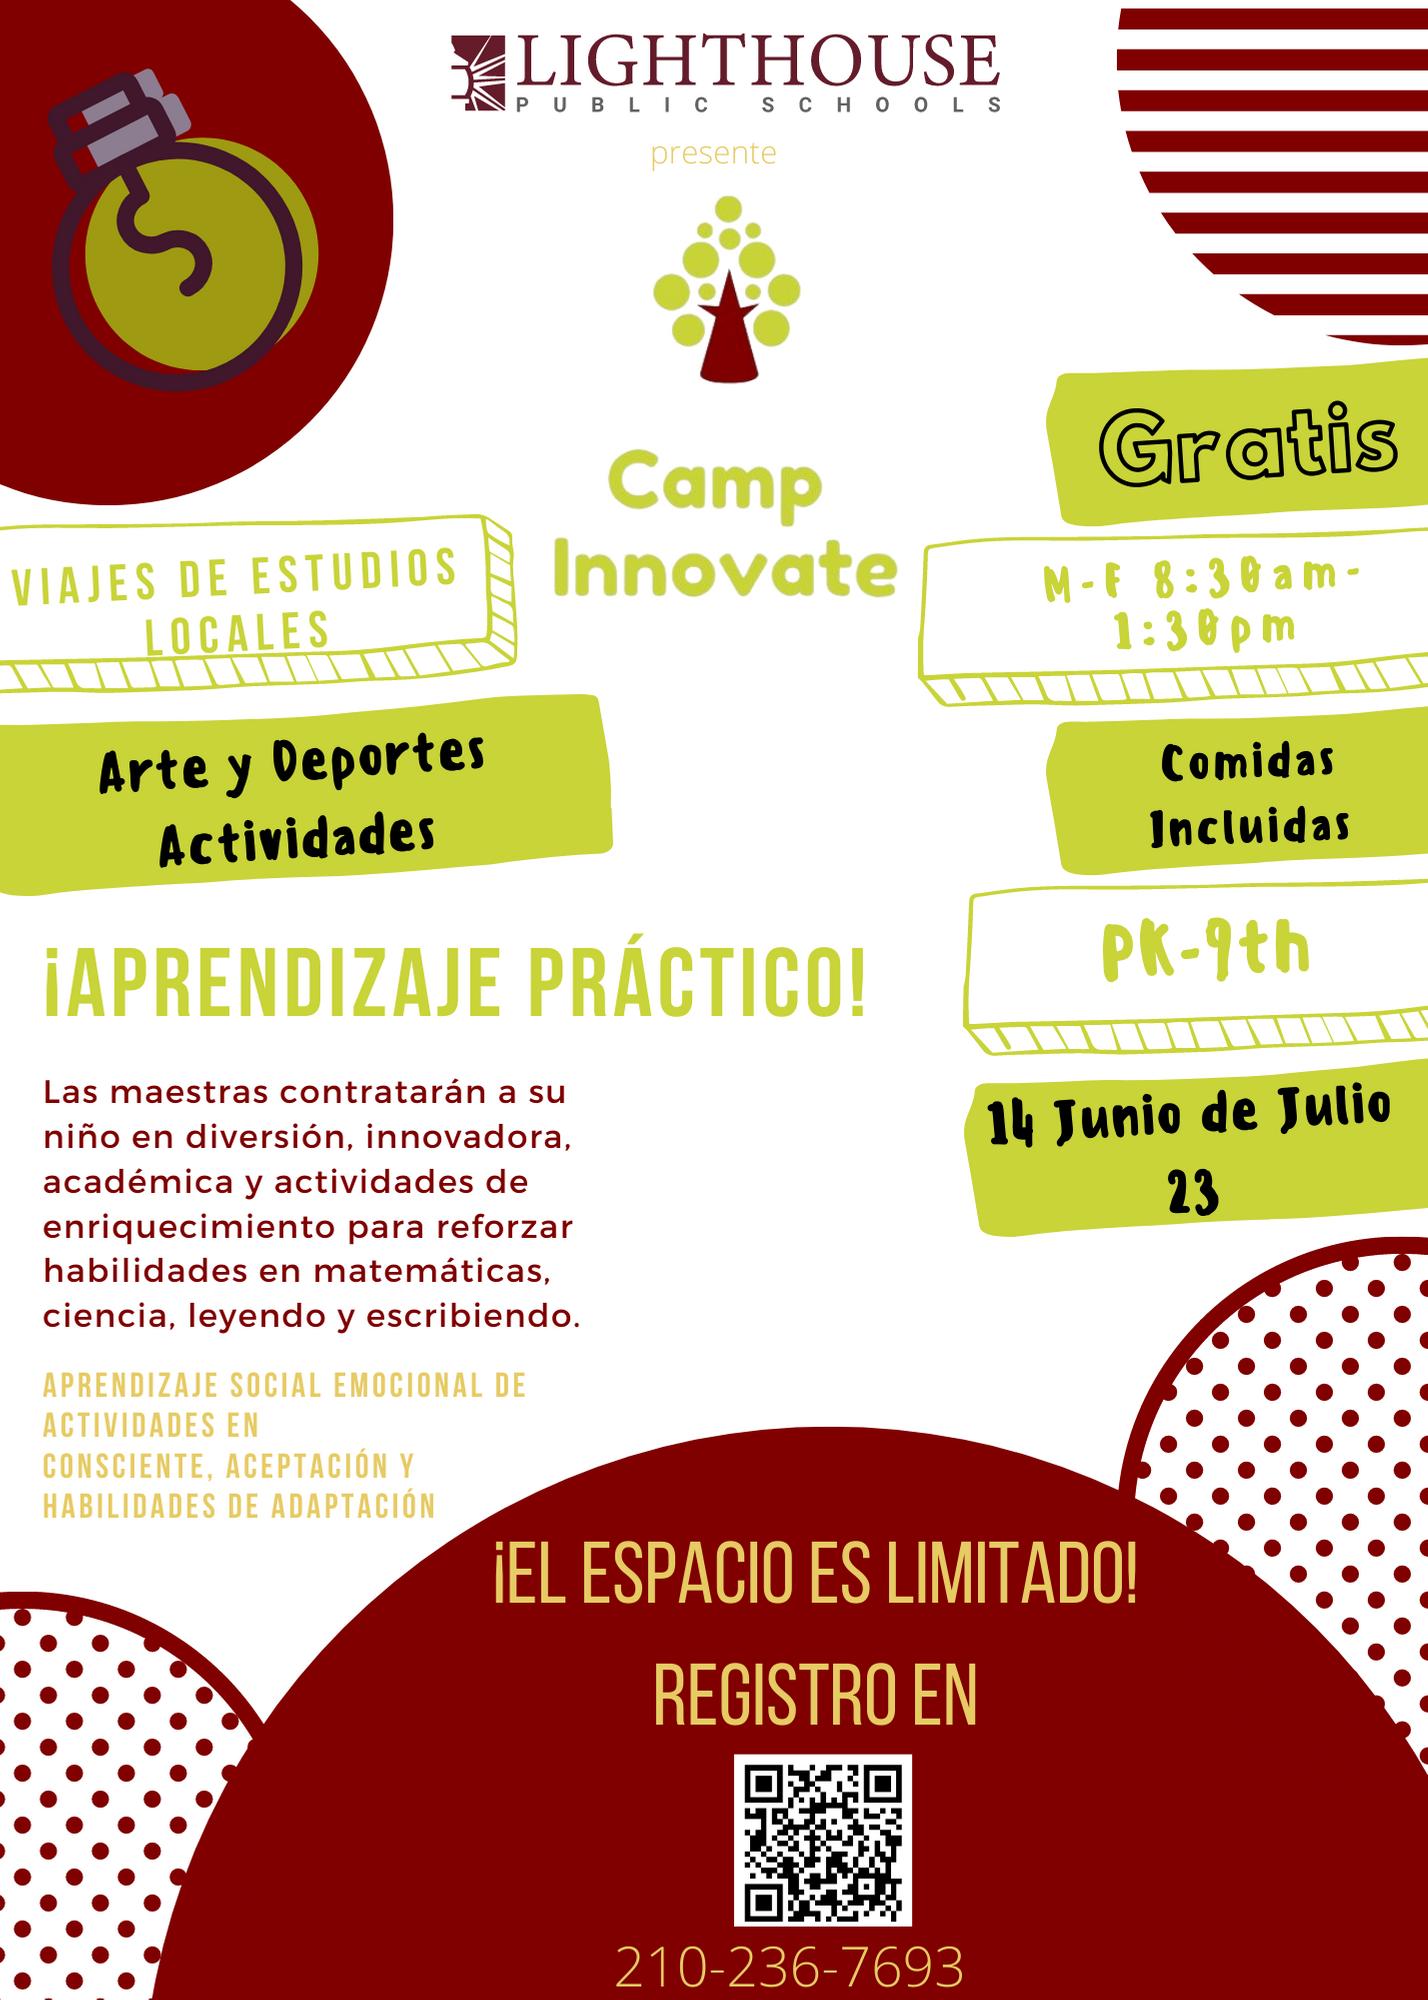 Camp Innovate